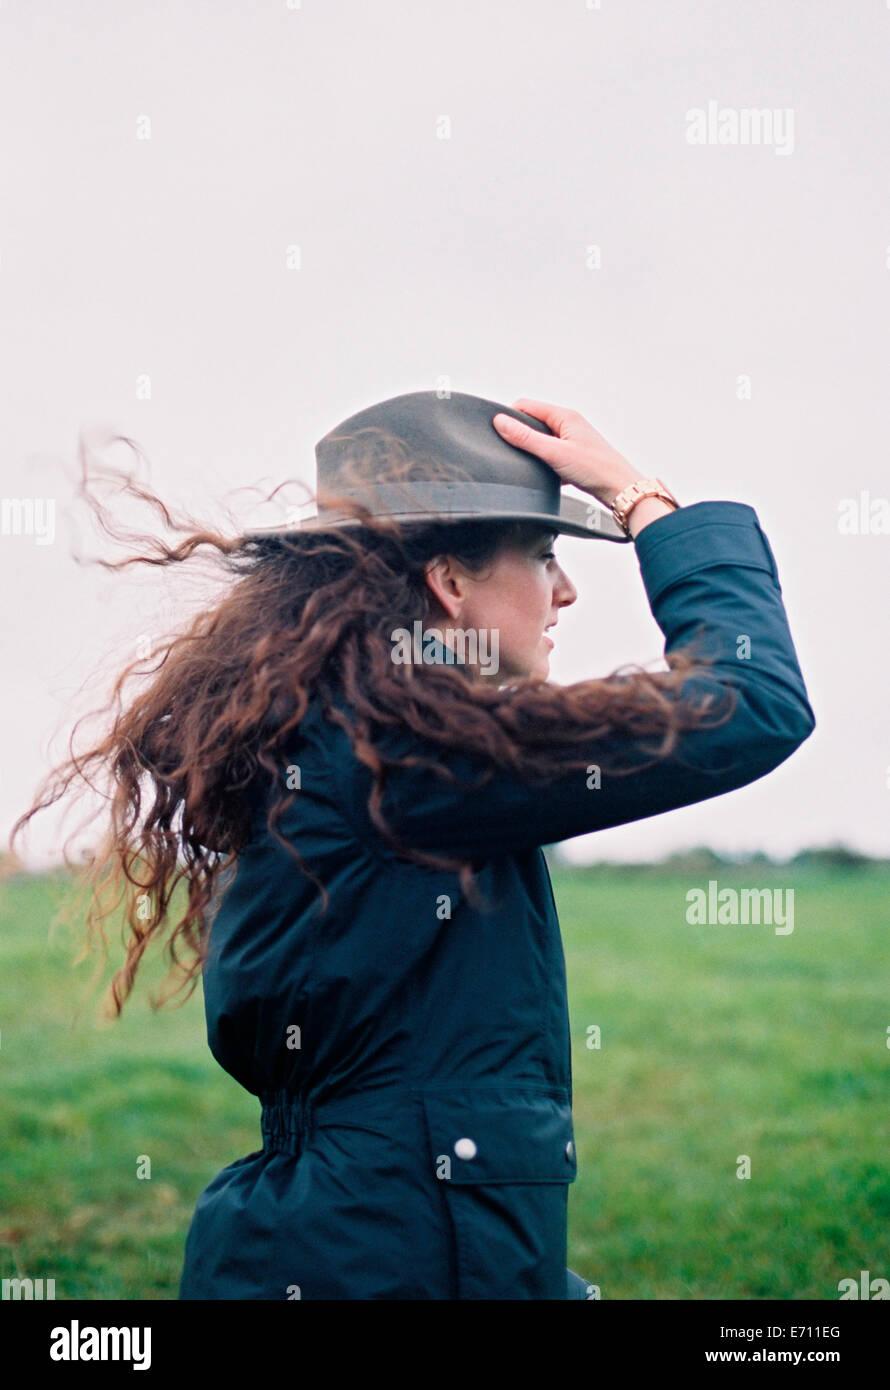 Una donna con capelli lunghi viene soffiato nel vento, tenendo il suo cappello. Immagini Stock